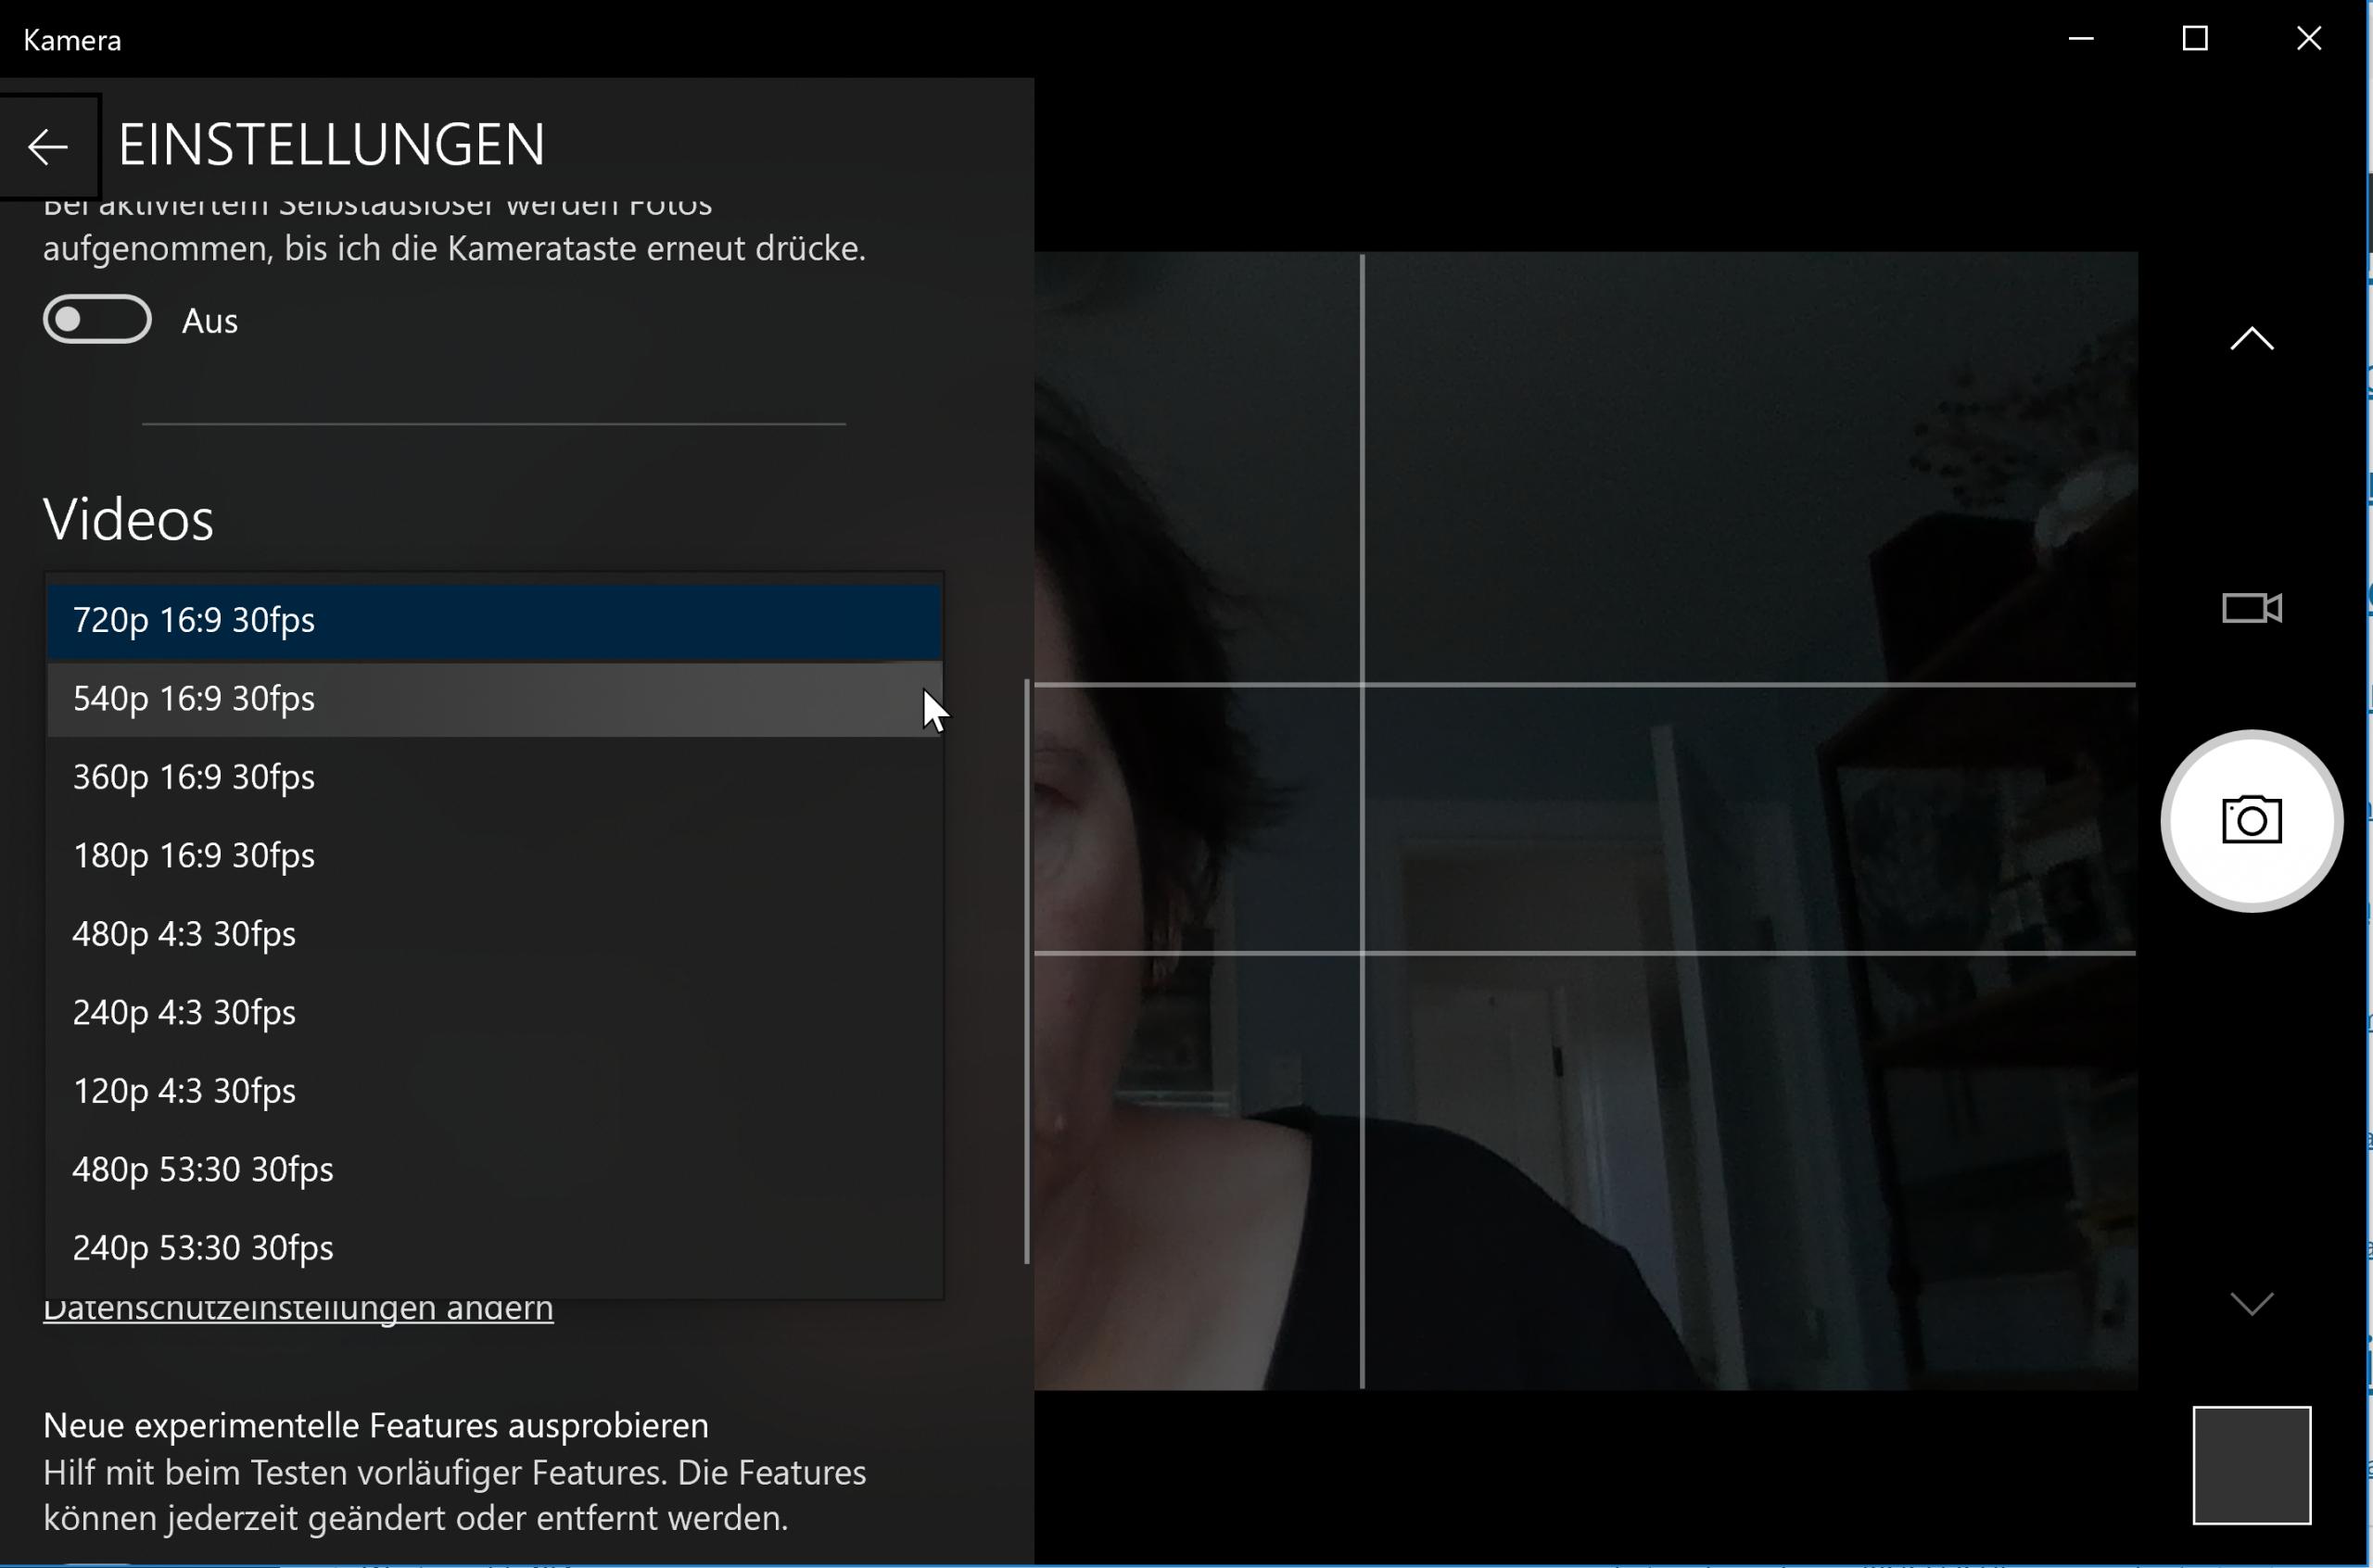 Einstellungen der Kamera-App für eine Webcam